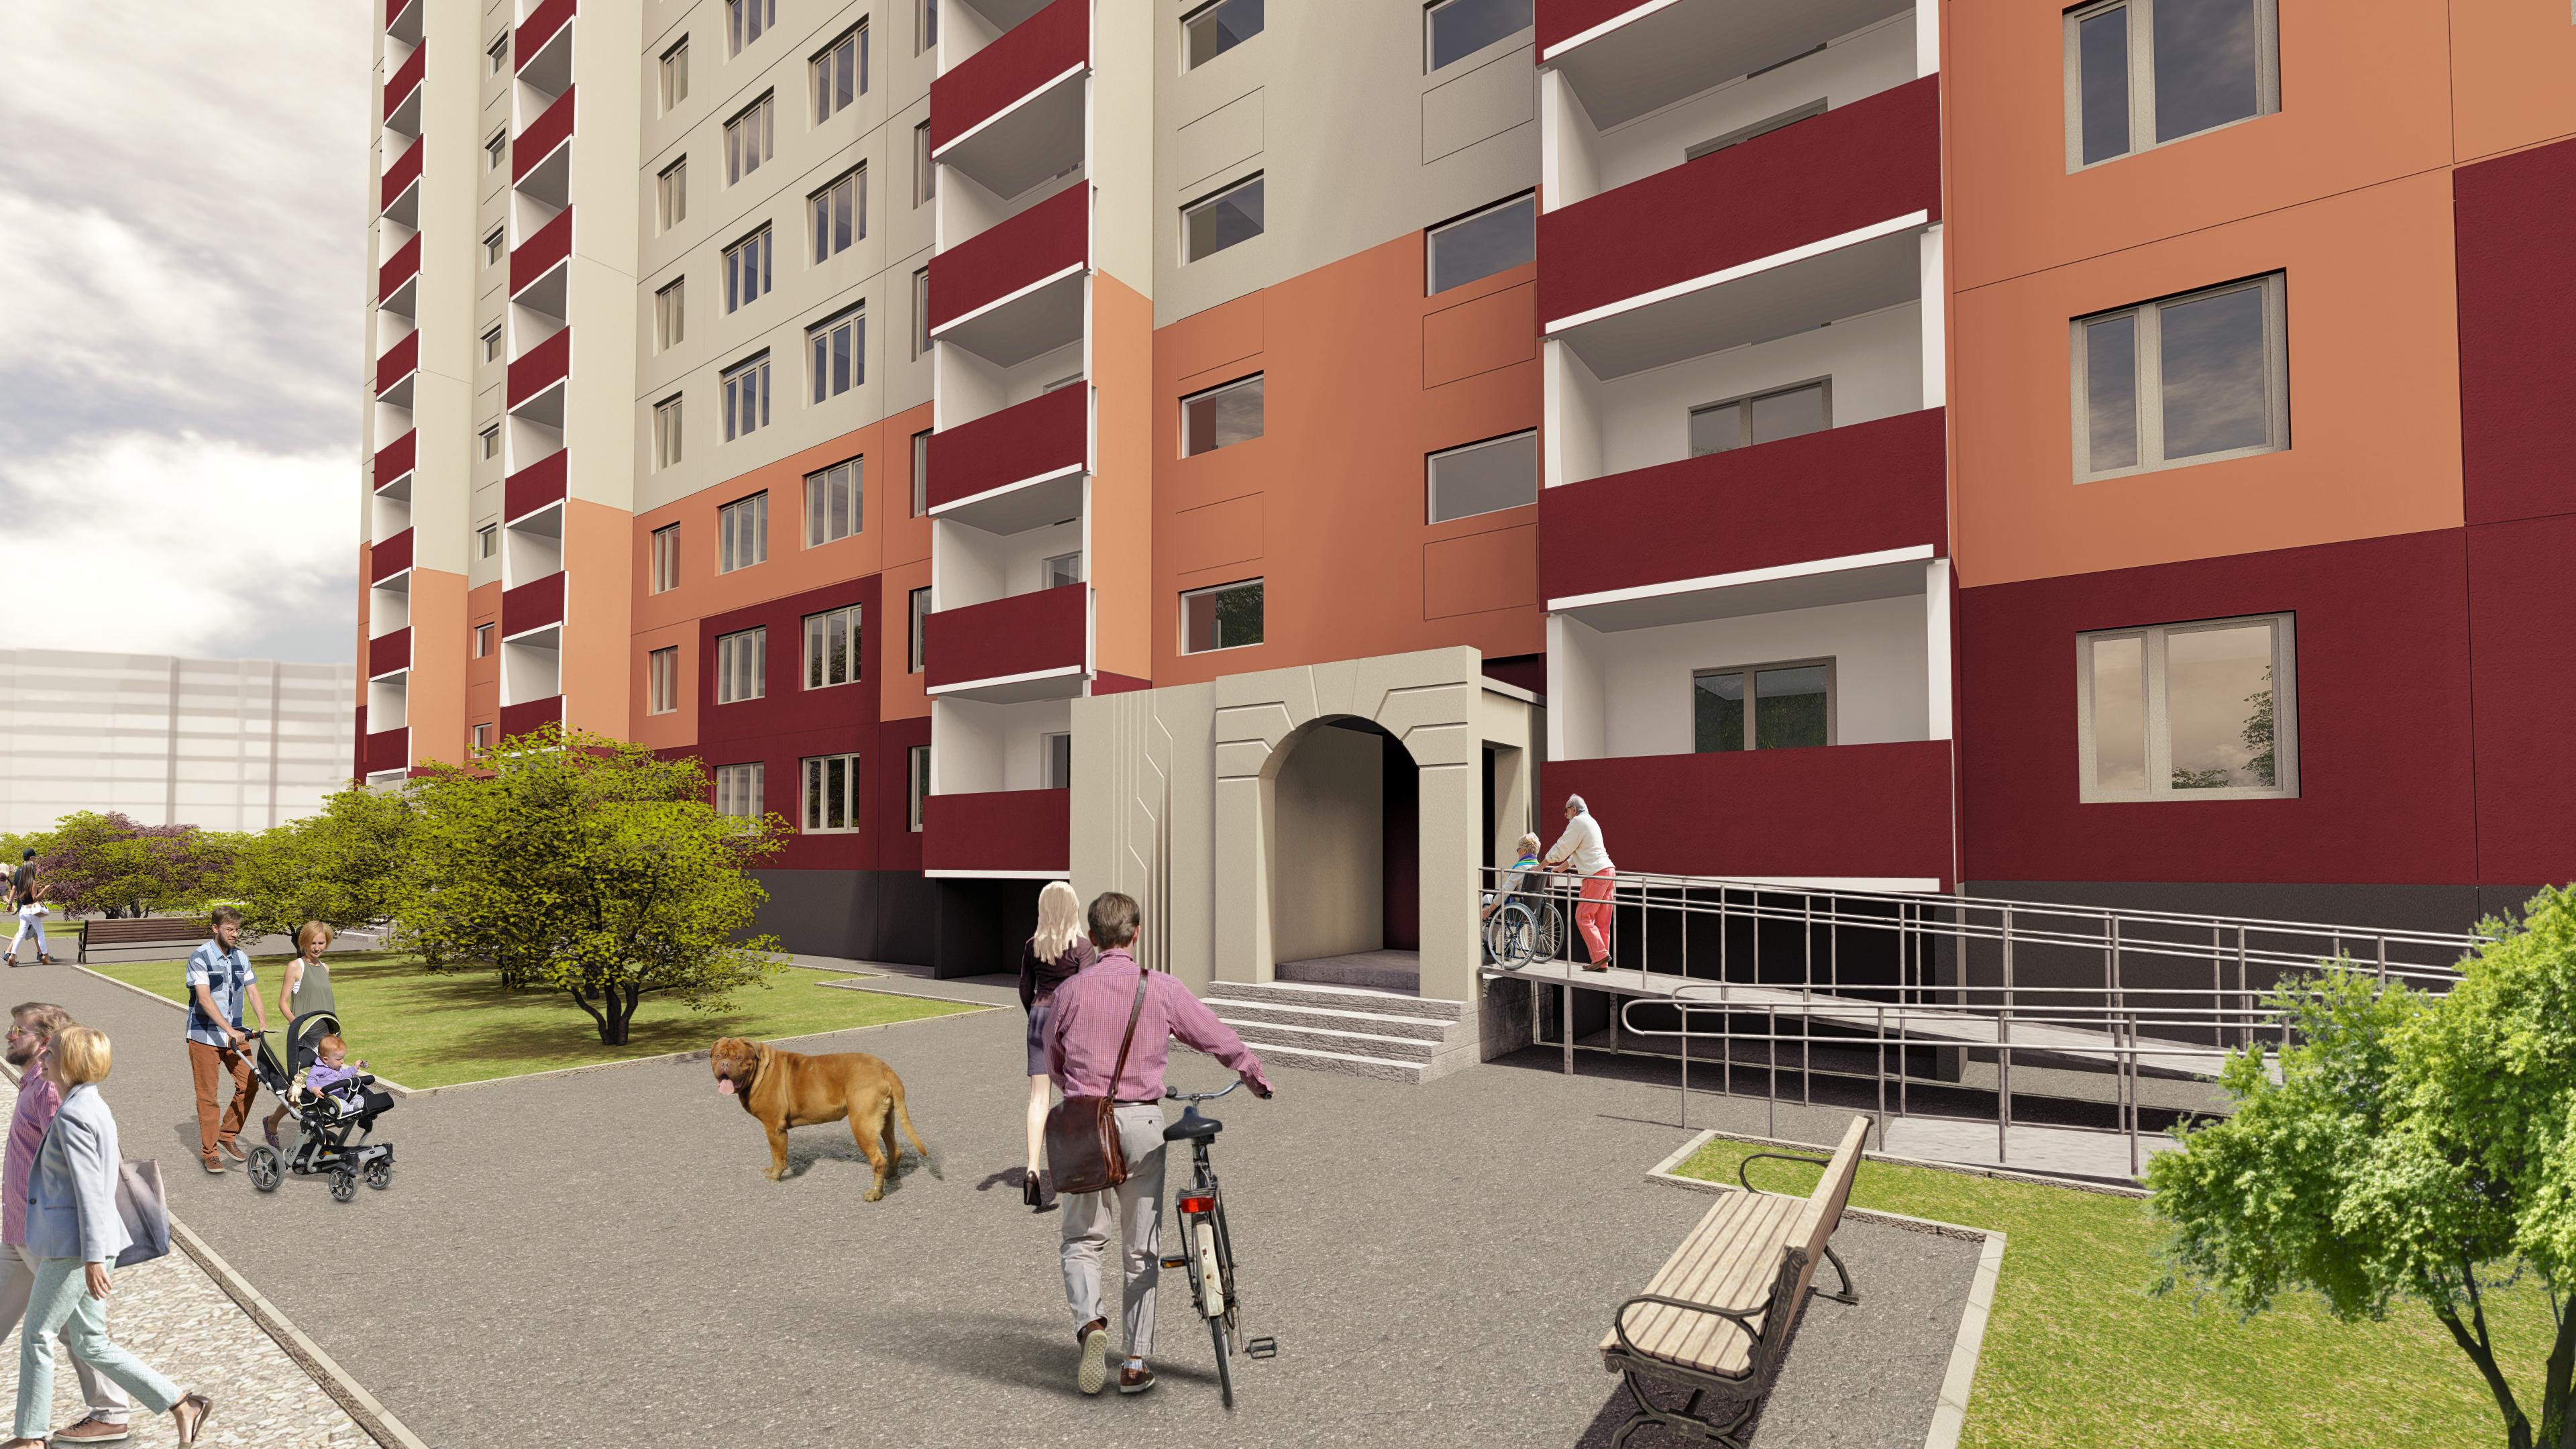 Pskov Krupskaya 24 3d max vray 3.0 में प्रस्तुत छवि